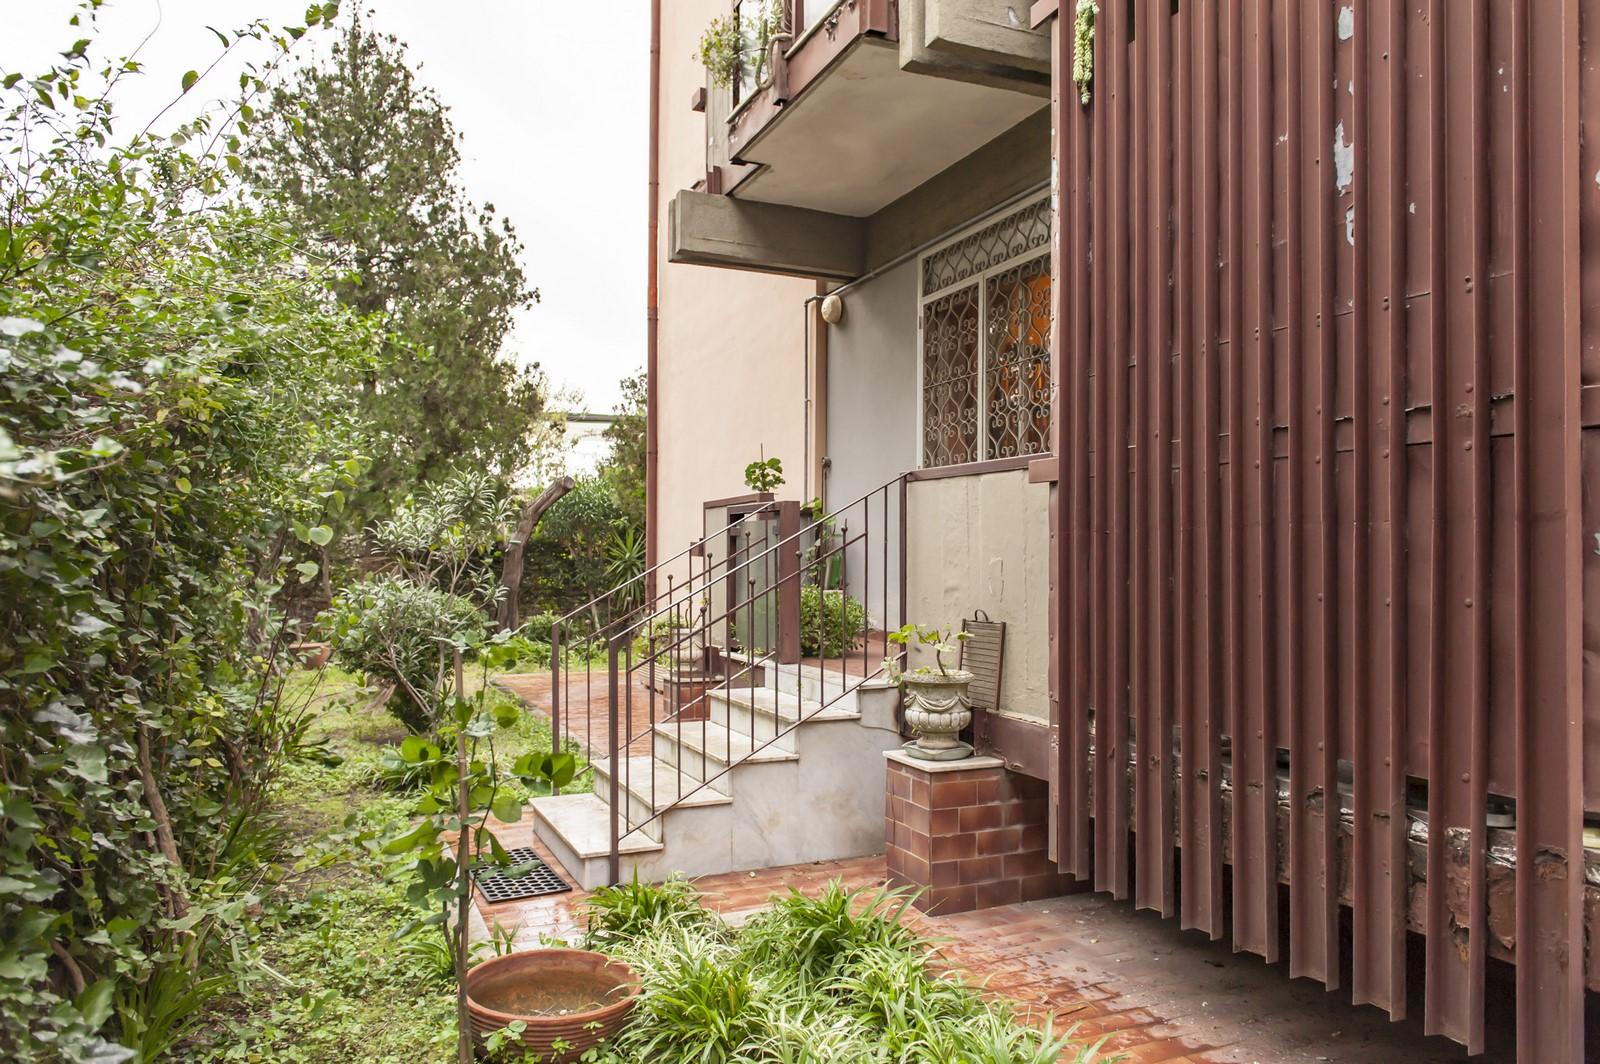 Appartamento 5 vani con giardino privato domusilia - Appartamento con giardino privato ...